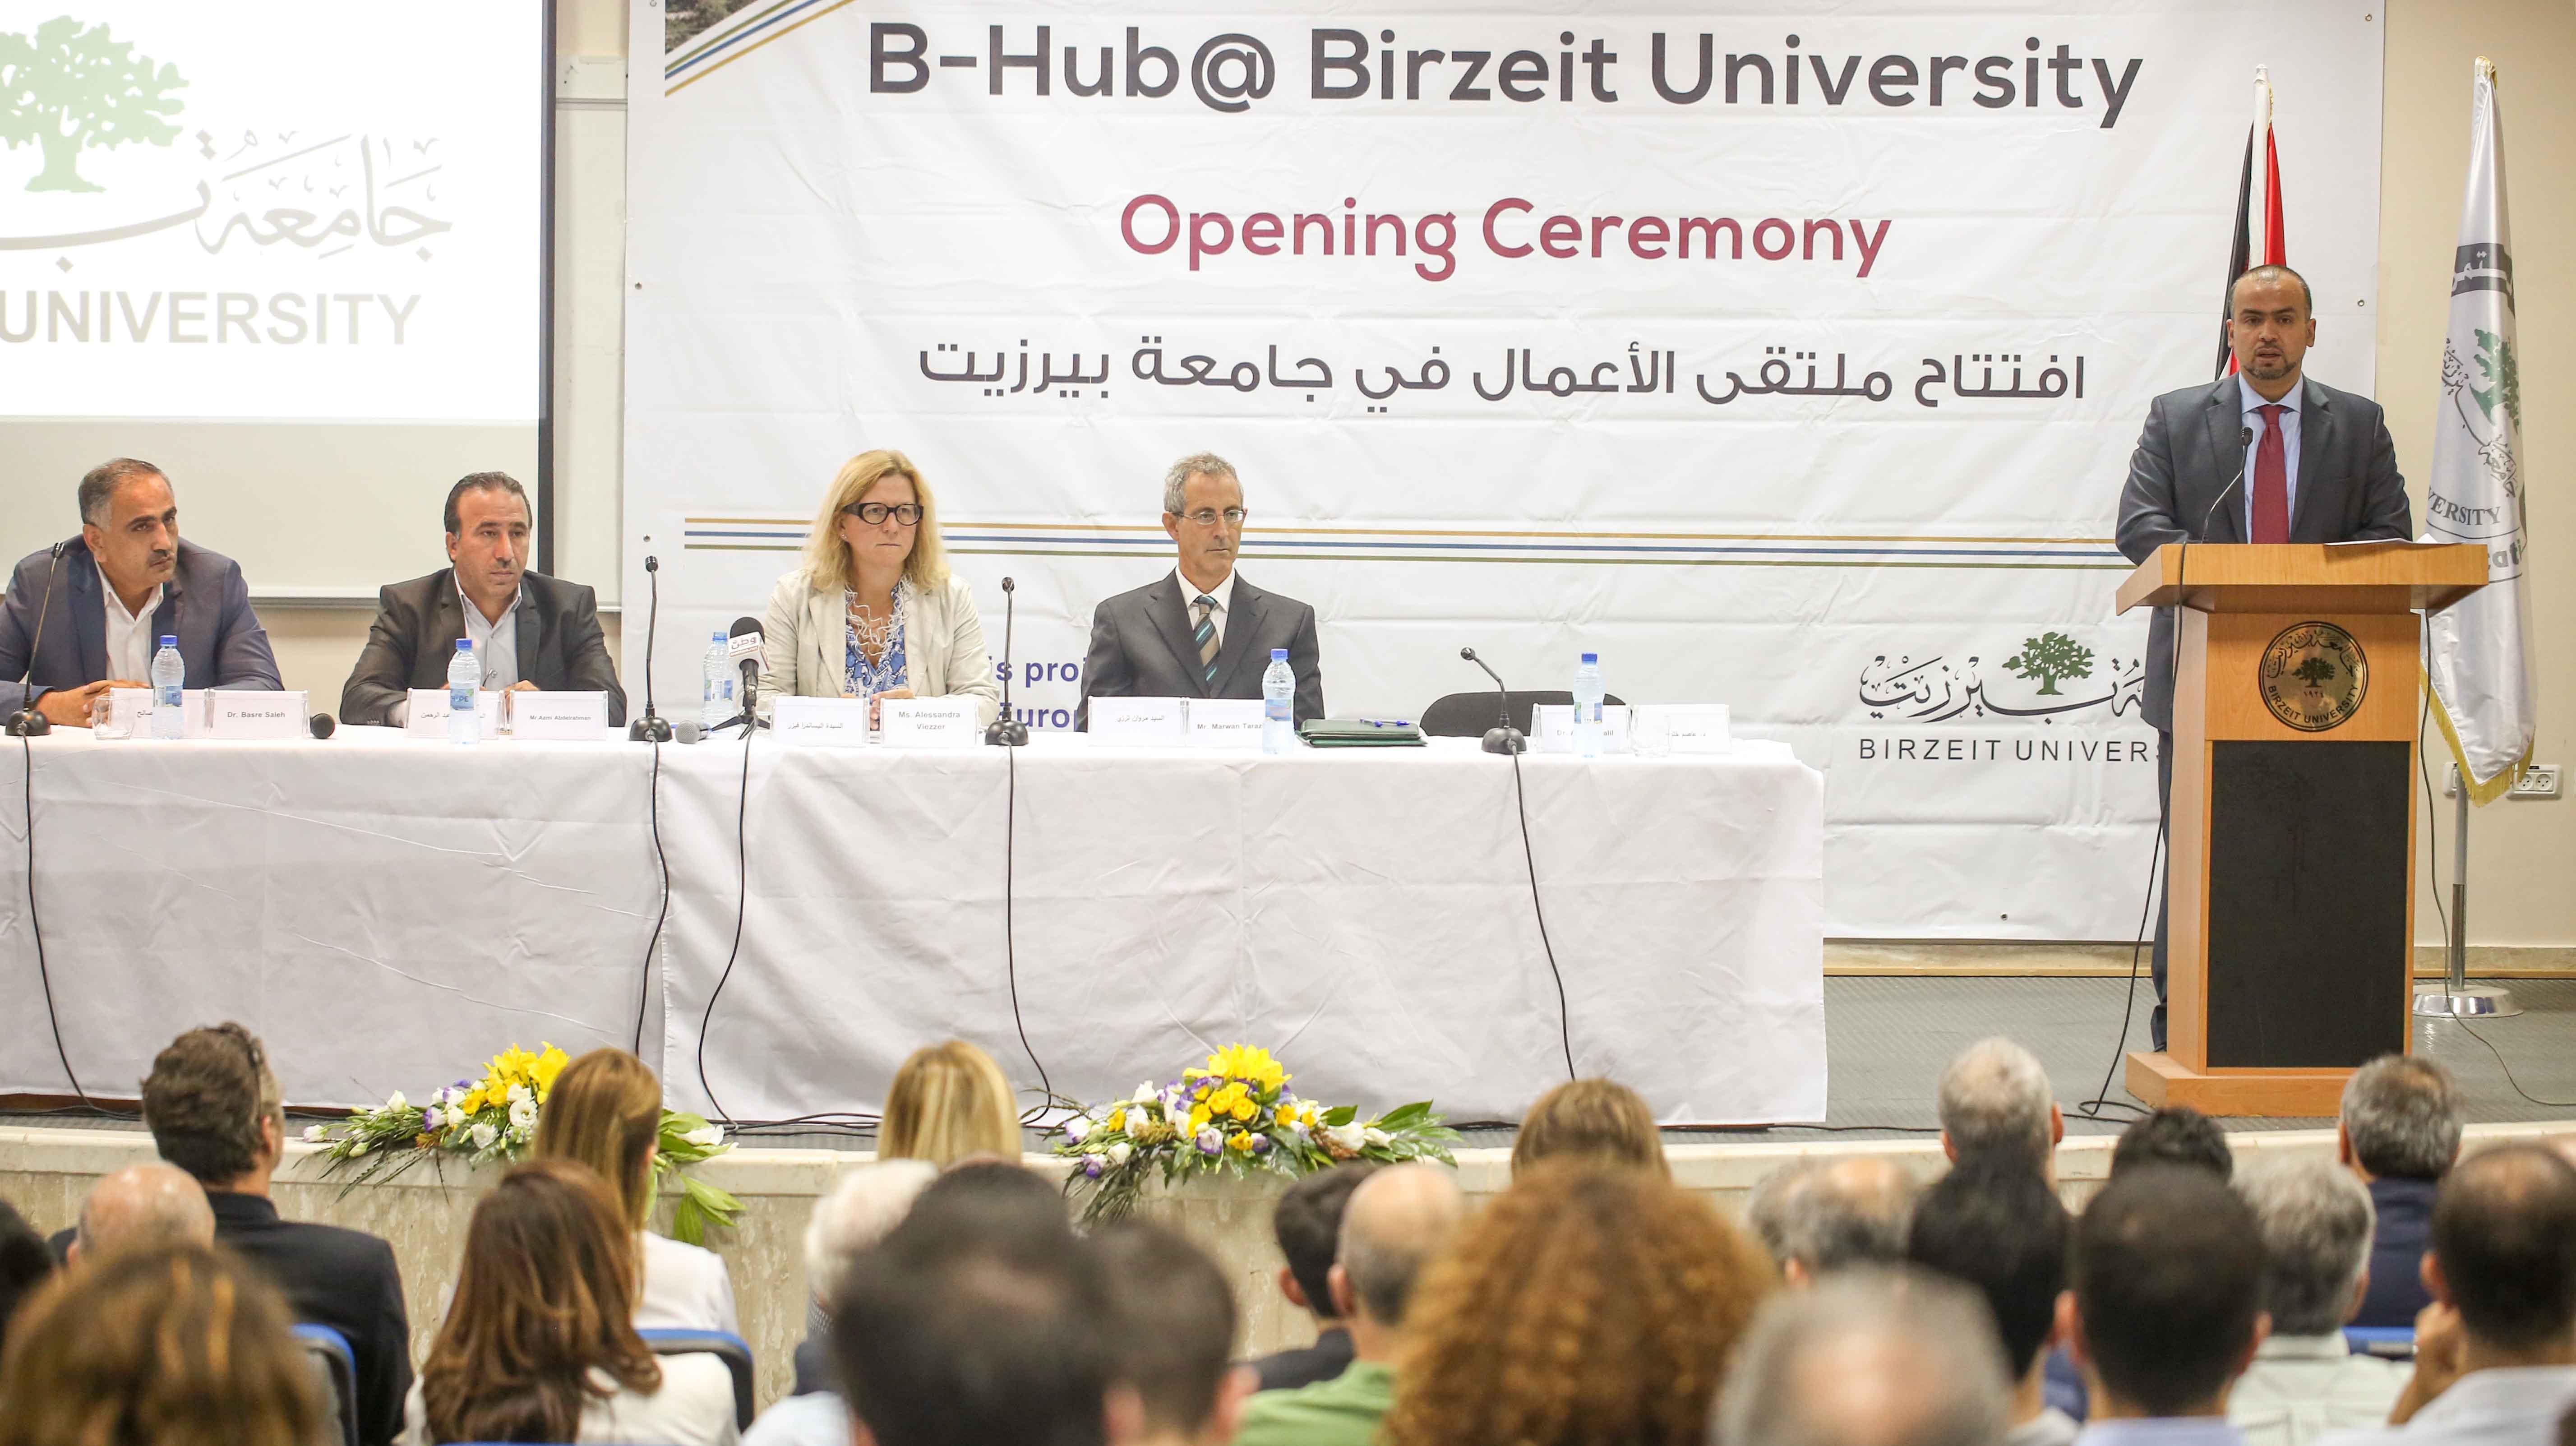 جامعة بيرزيت تفتتح ملتقى الأعمال للحد من أهم المشاكل التي تواجه الاقتصاد الفلسطيني